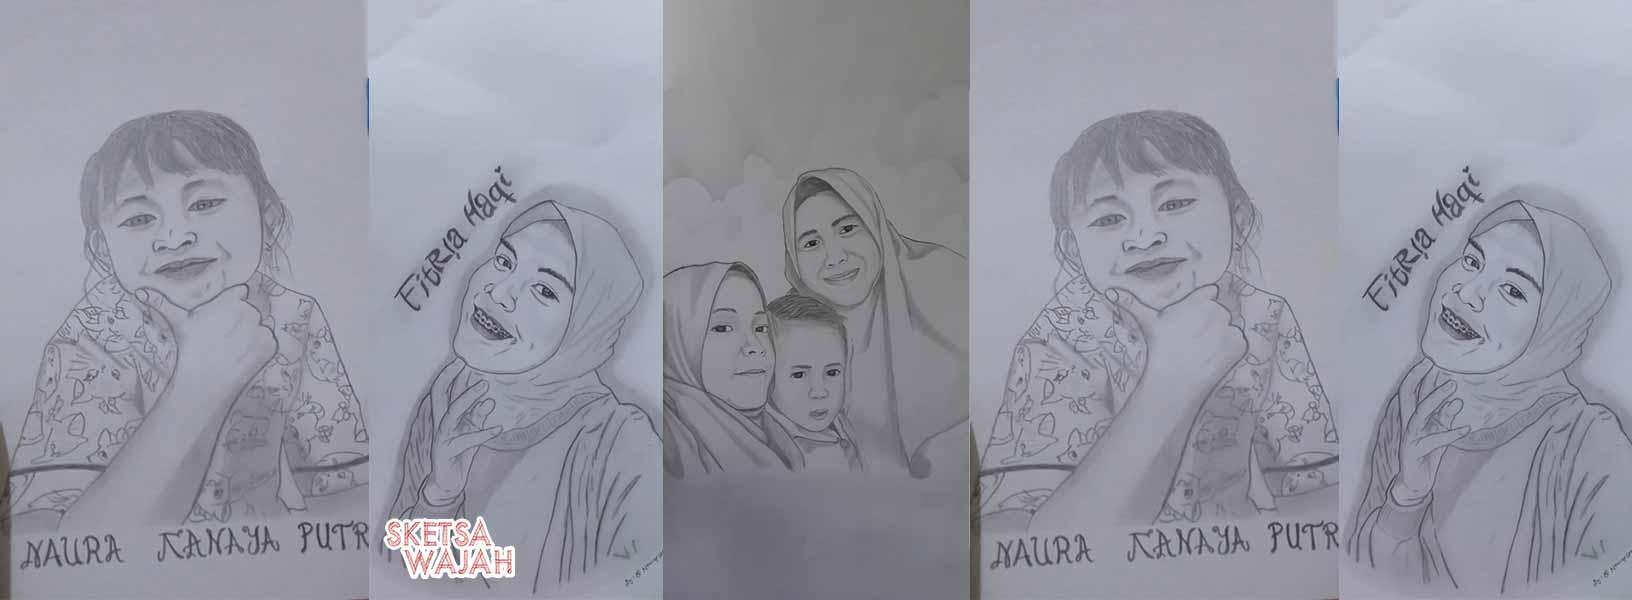 Karya Slamet Noviansyah sketcher Sketsa Wajah